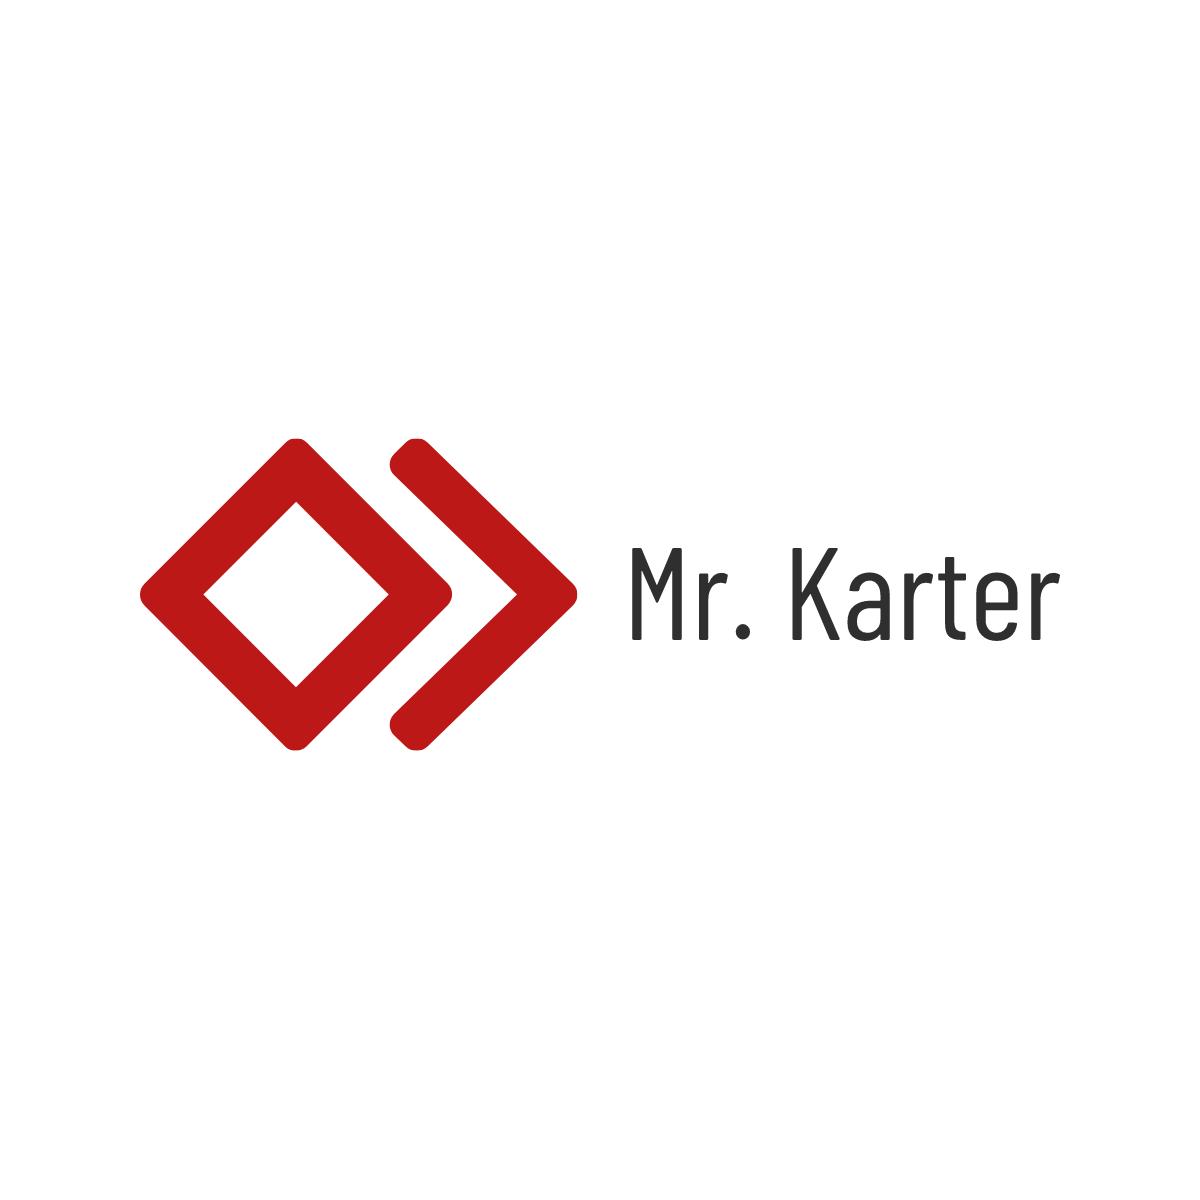 Mr Karter - Welcome